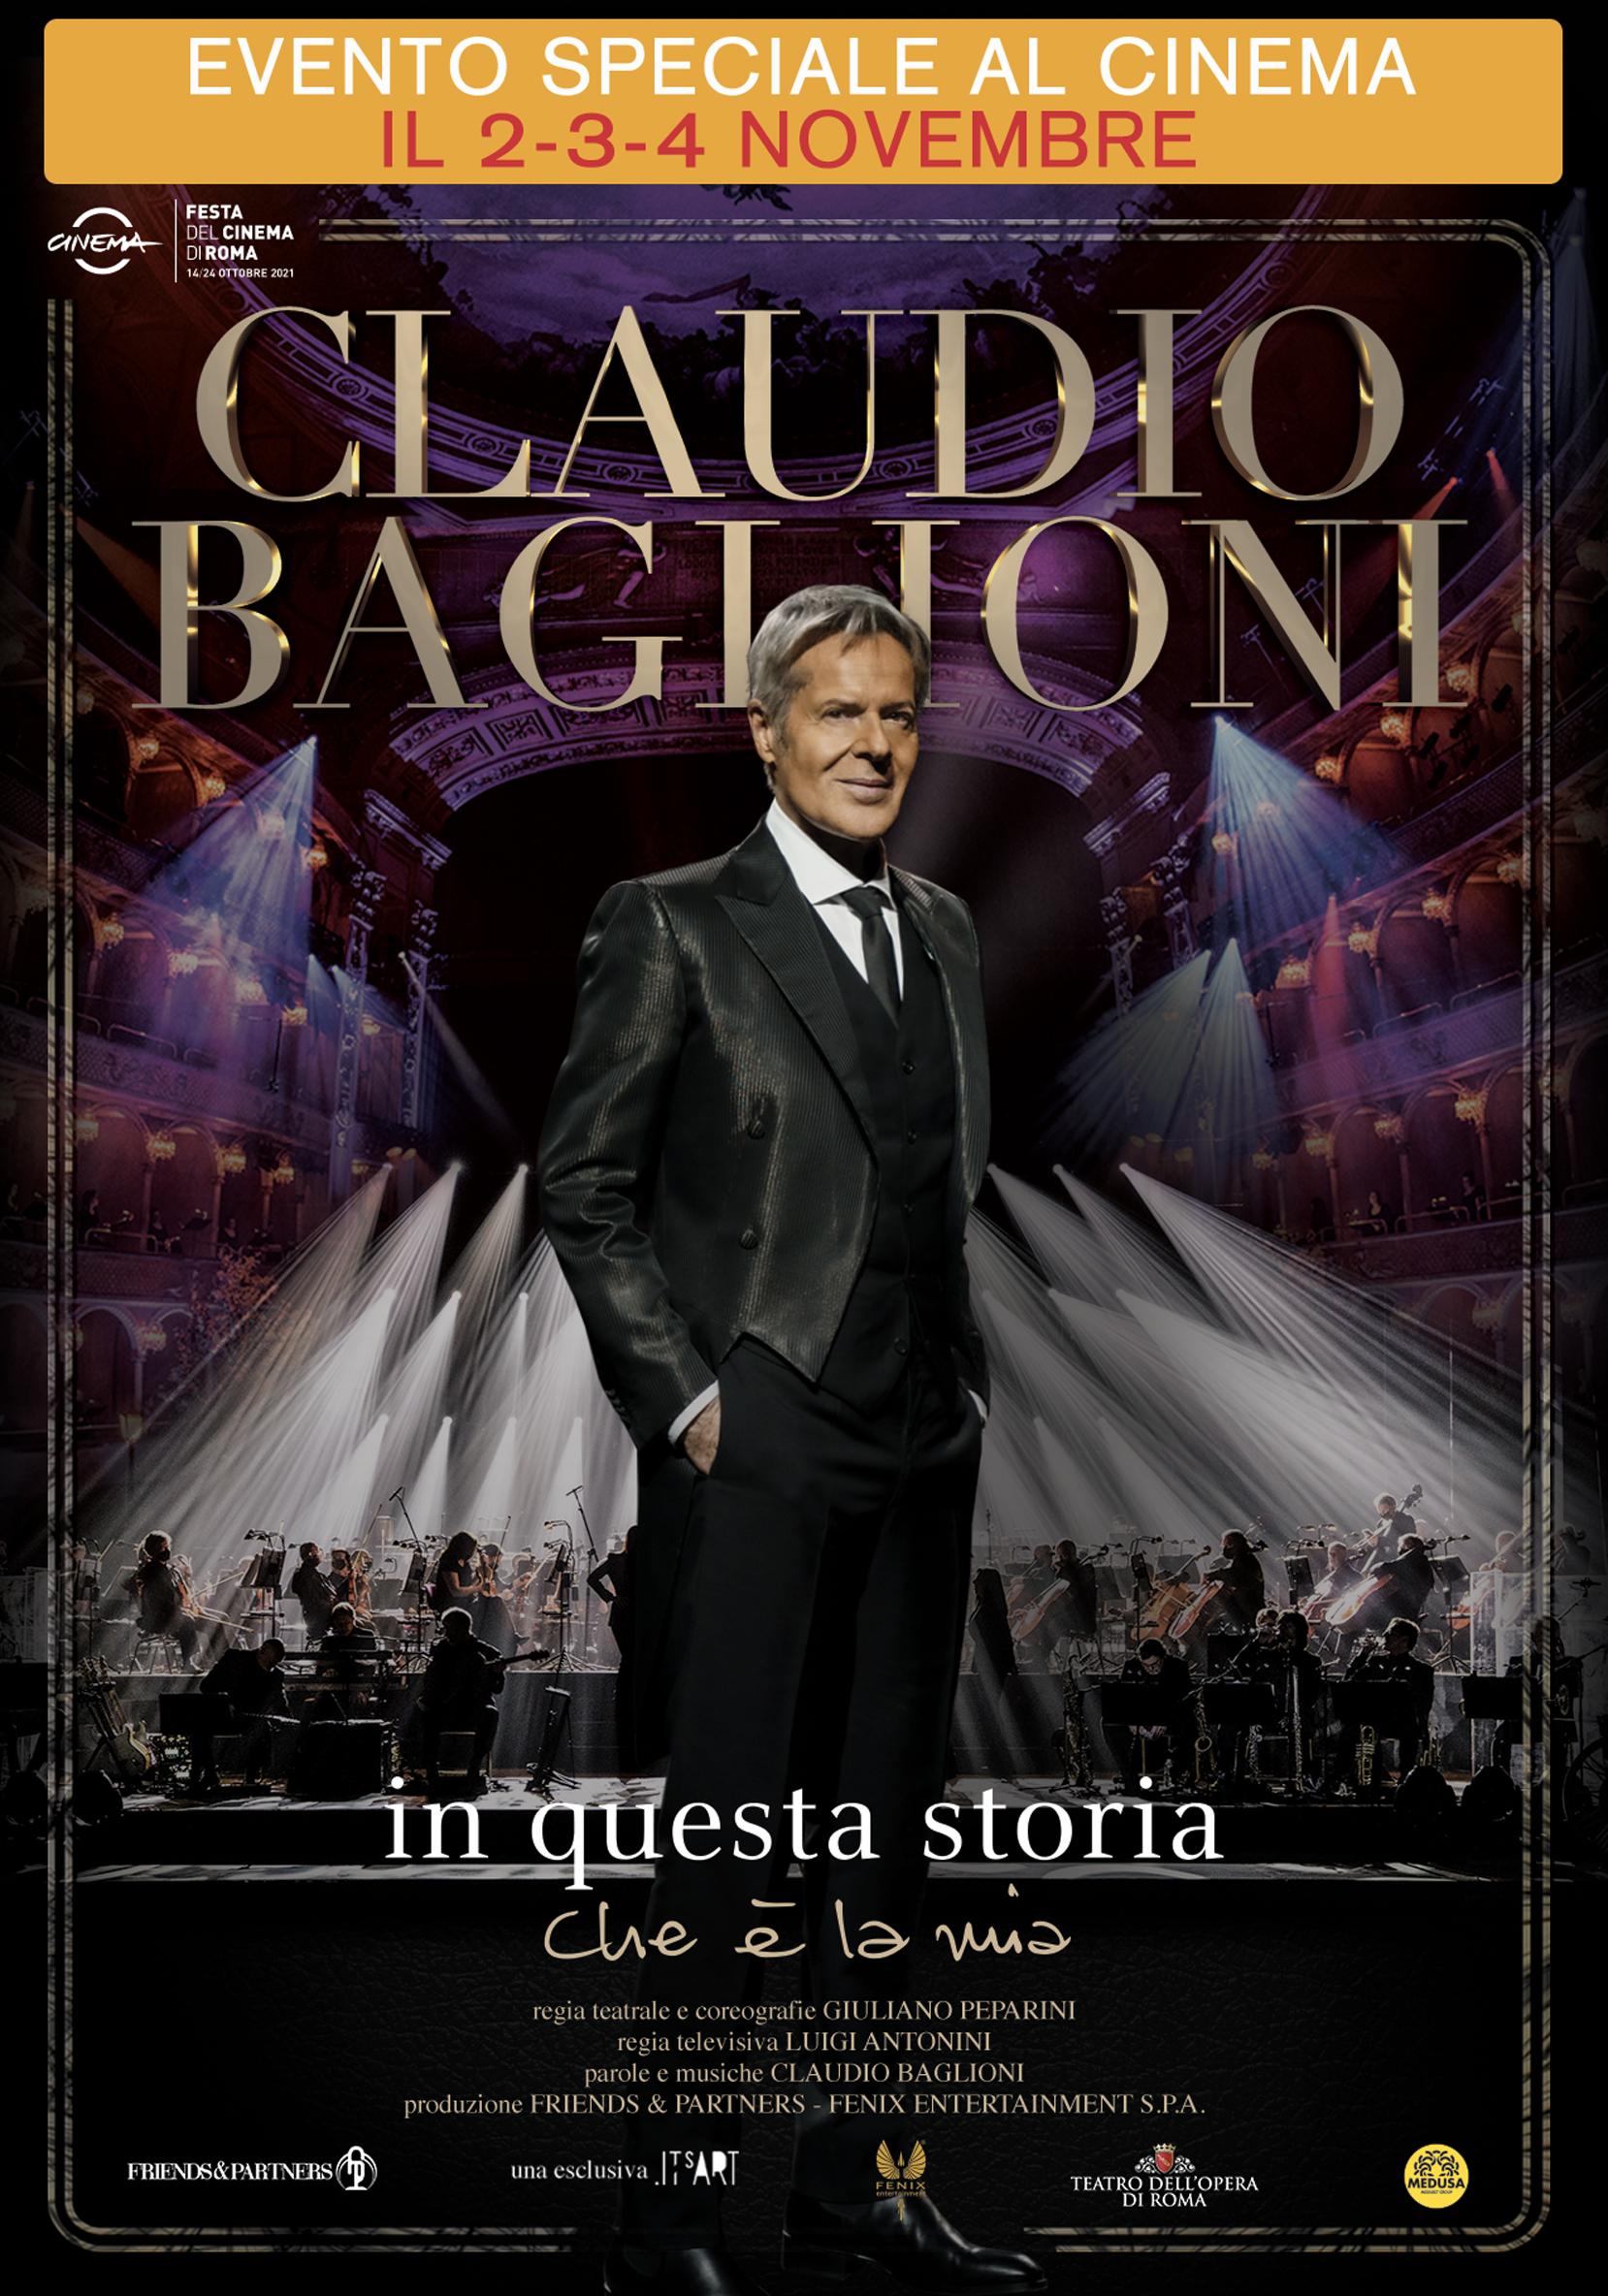 Claudio Baglioni - In questa storia che è la mia